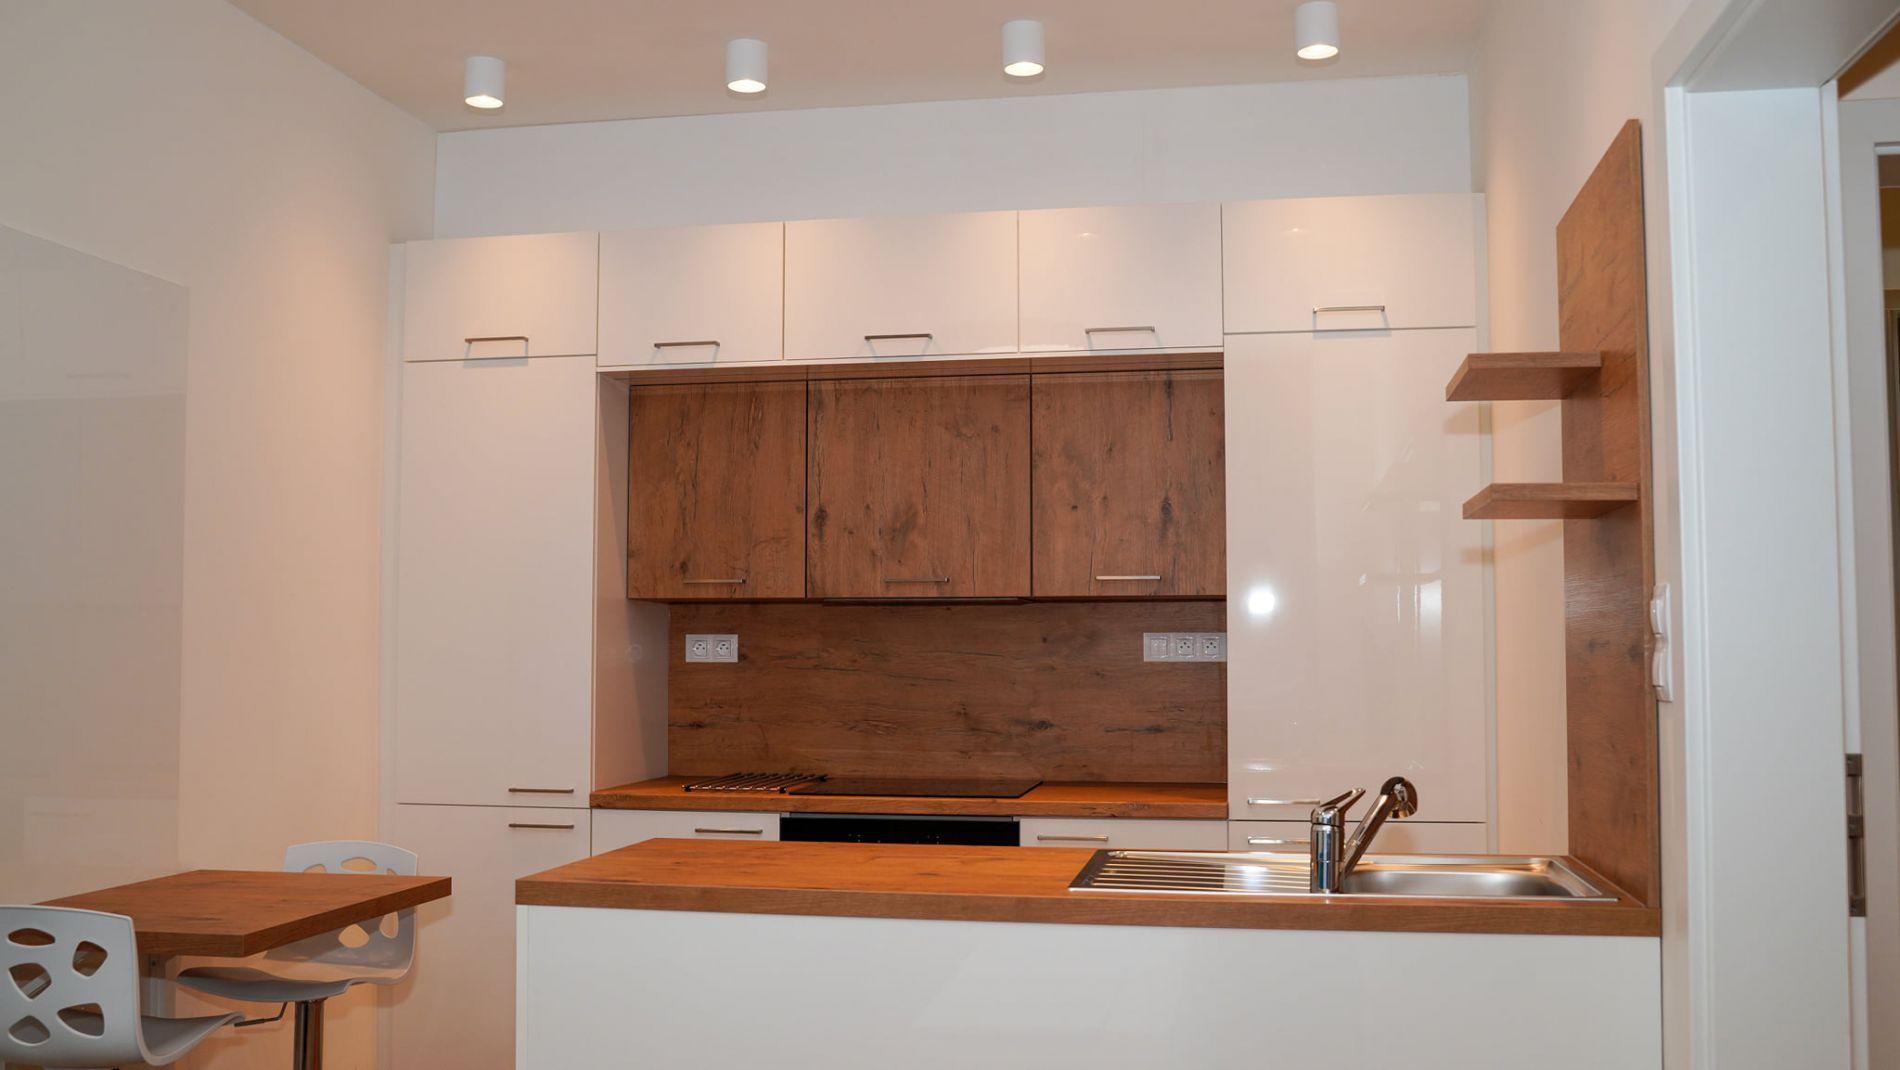 Prodej bytu po kompletní rekonstrukcí 2+kk, 51m2, v cihlovým domě.